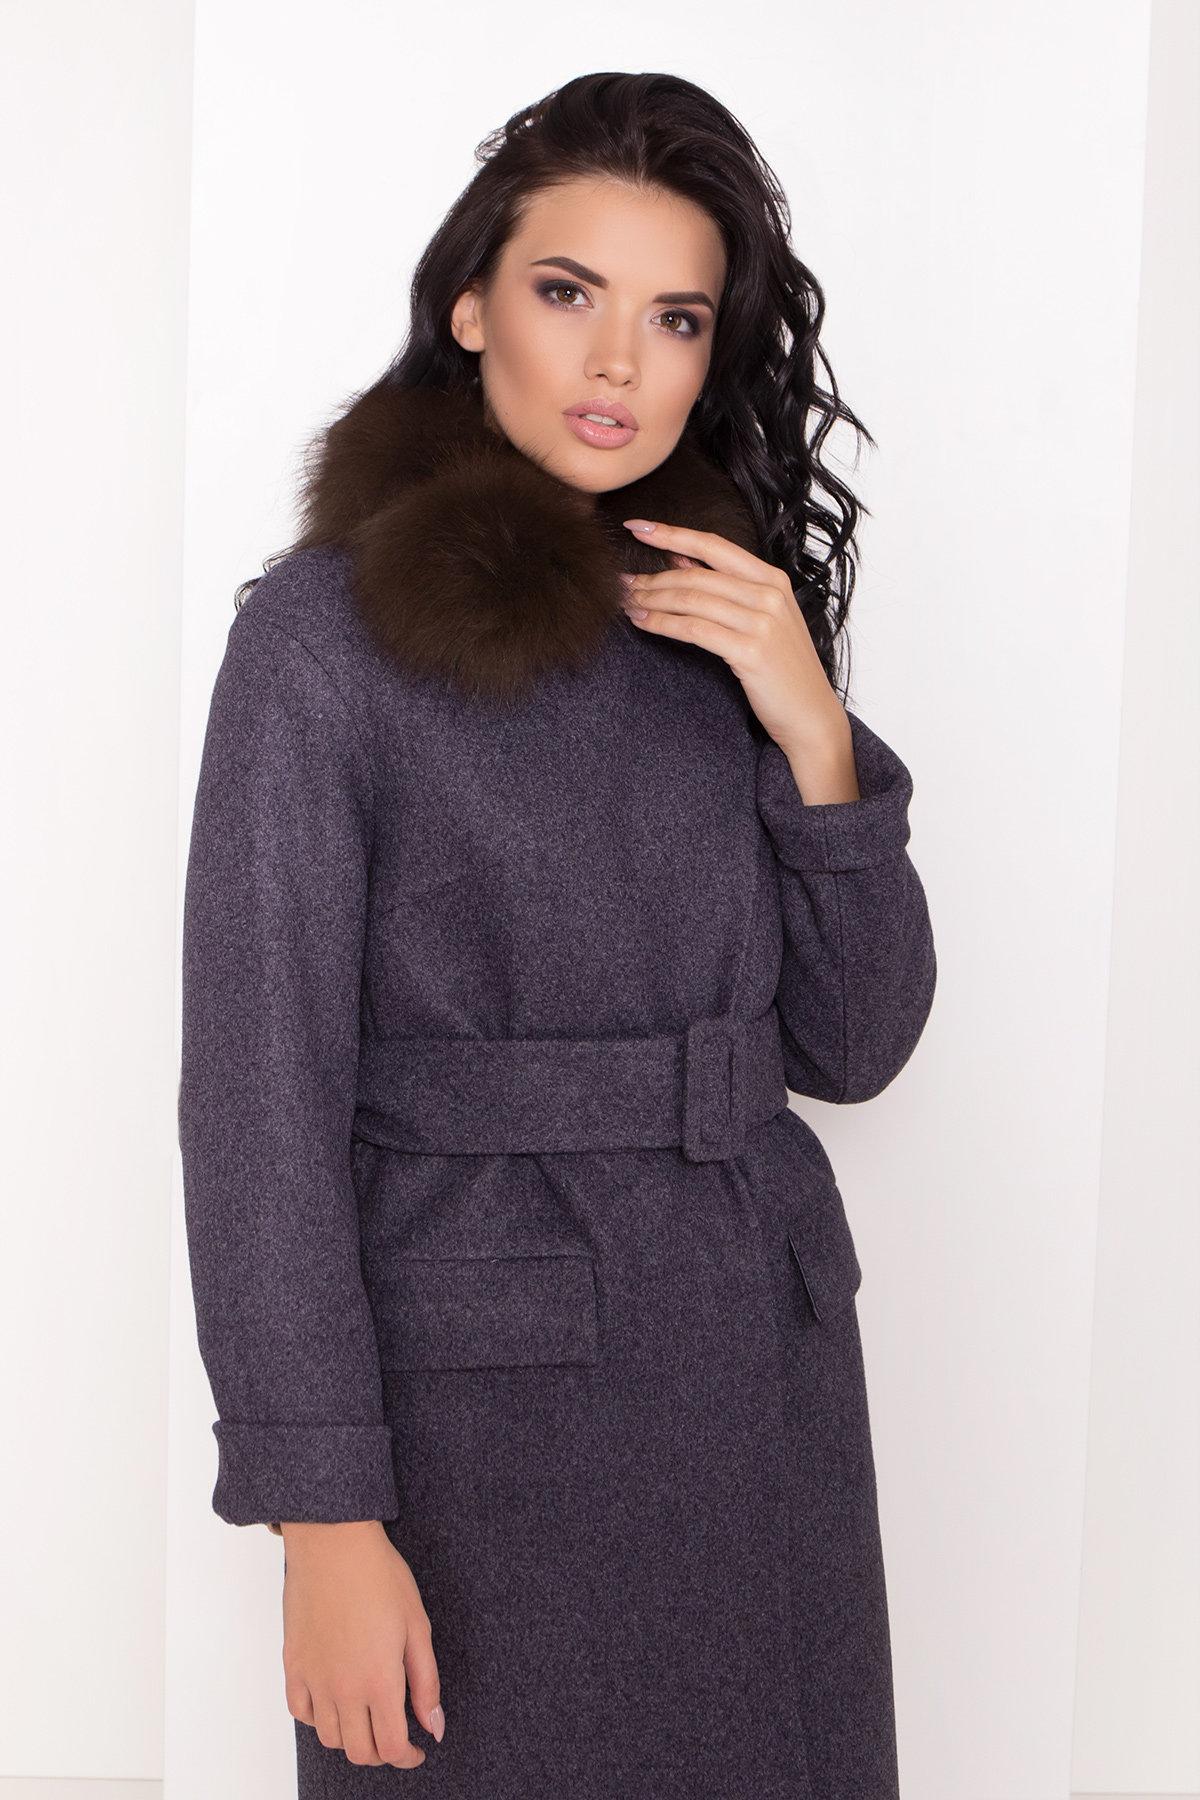 Зимнее пальто с меховым воротником Моле 8185 АРТ. 44191 Цвет: Т.синий 543 - фото 5, интернет магазин tm-modus.ru